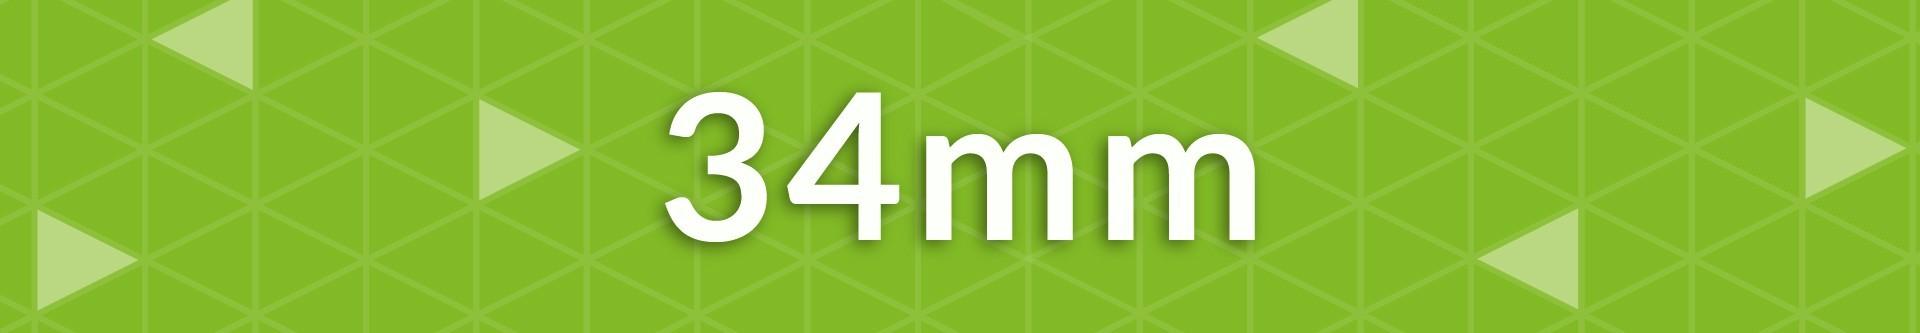 Gruix 34 mm